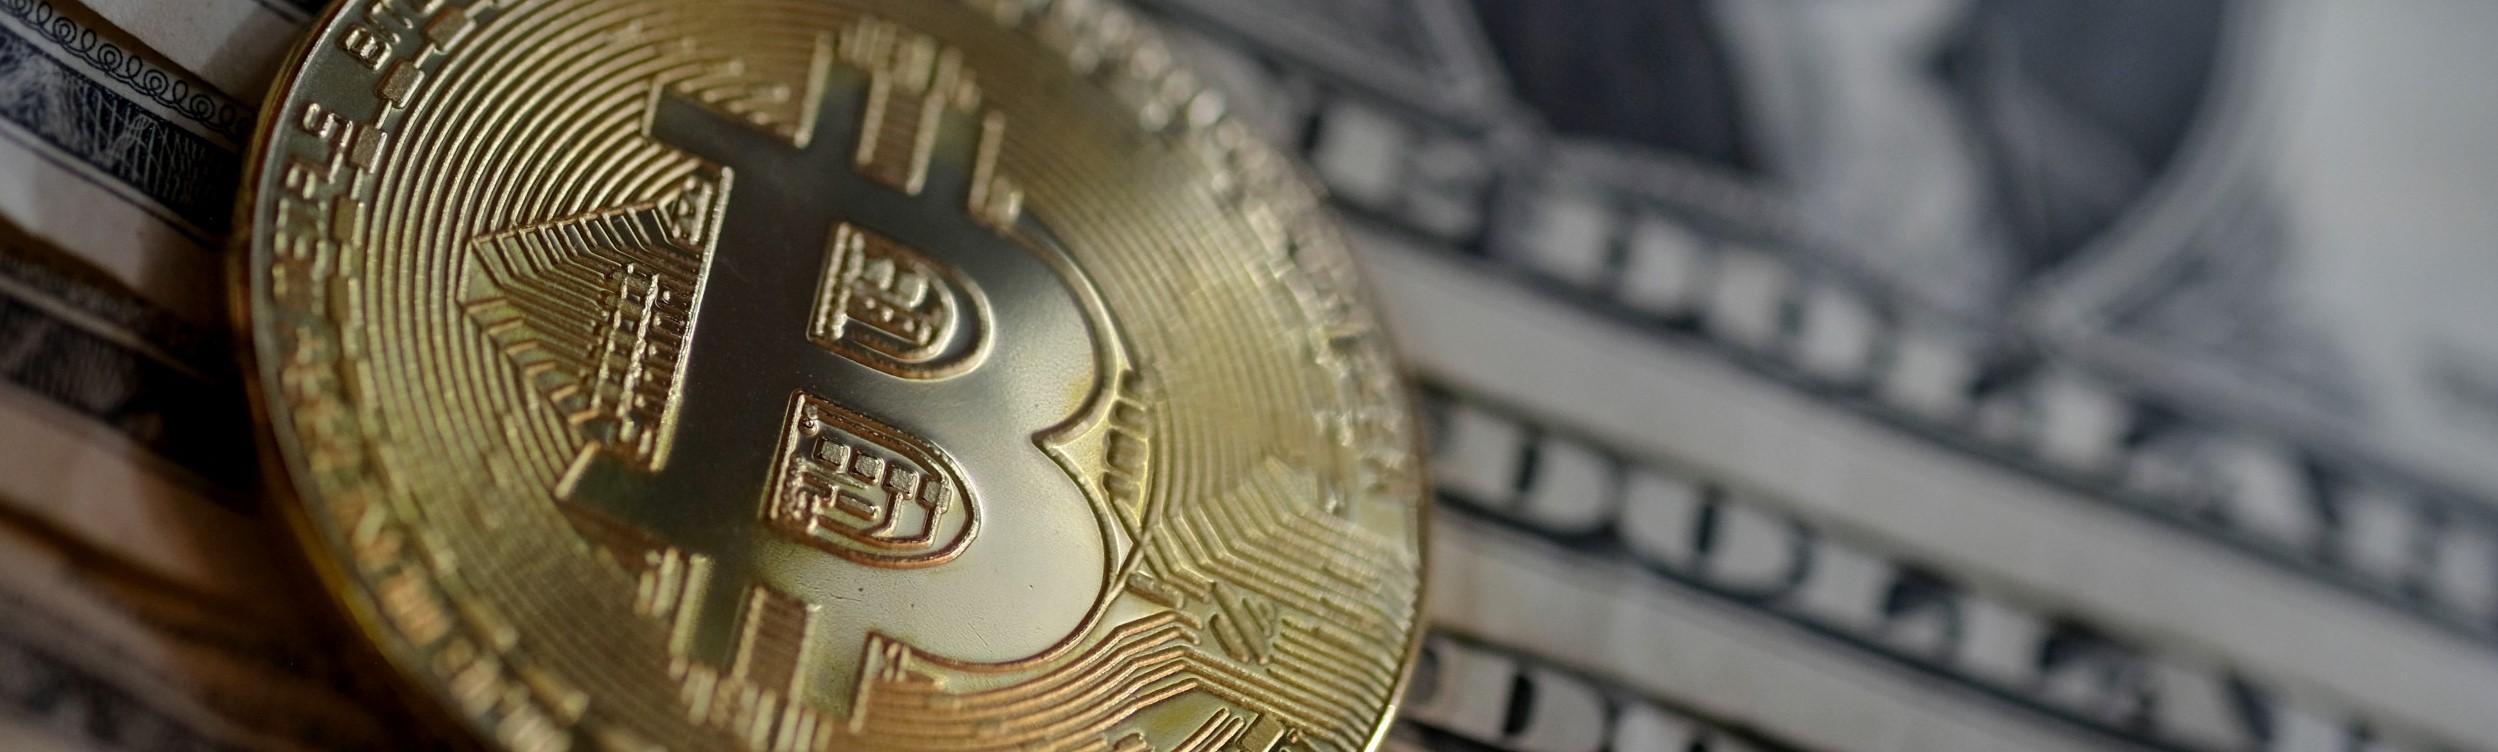 bitcoin - Институционалы продолжают наращивать капиталовложения в биткоин